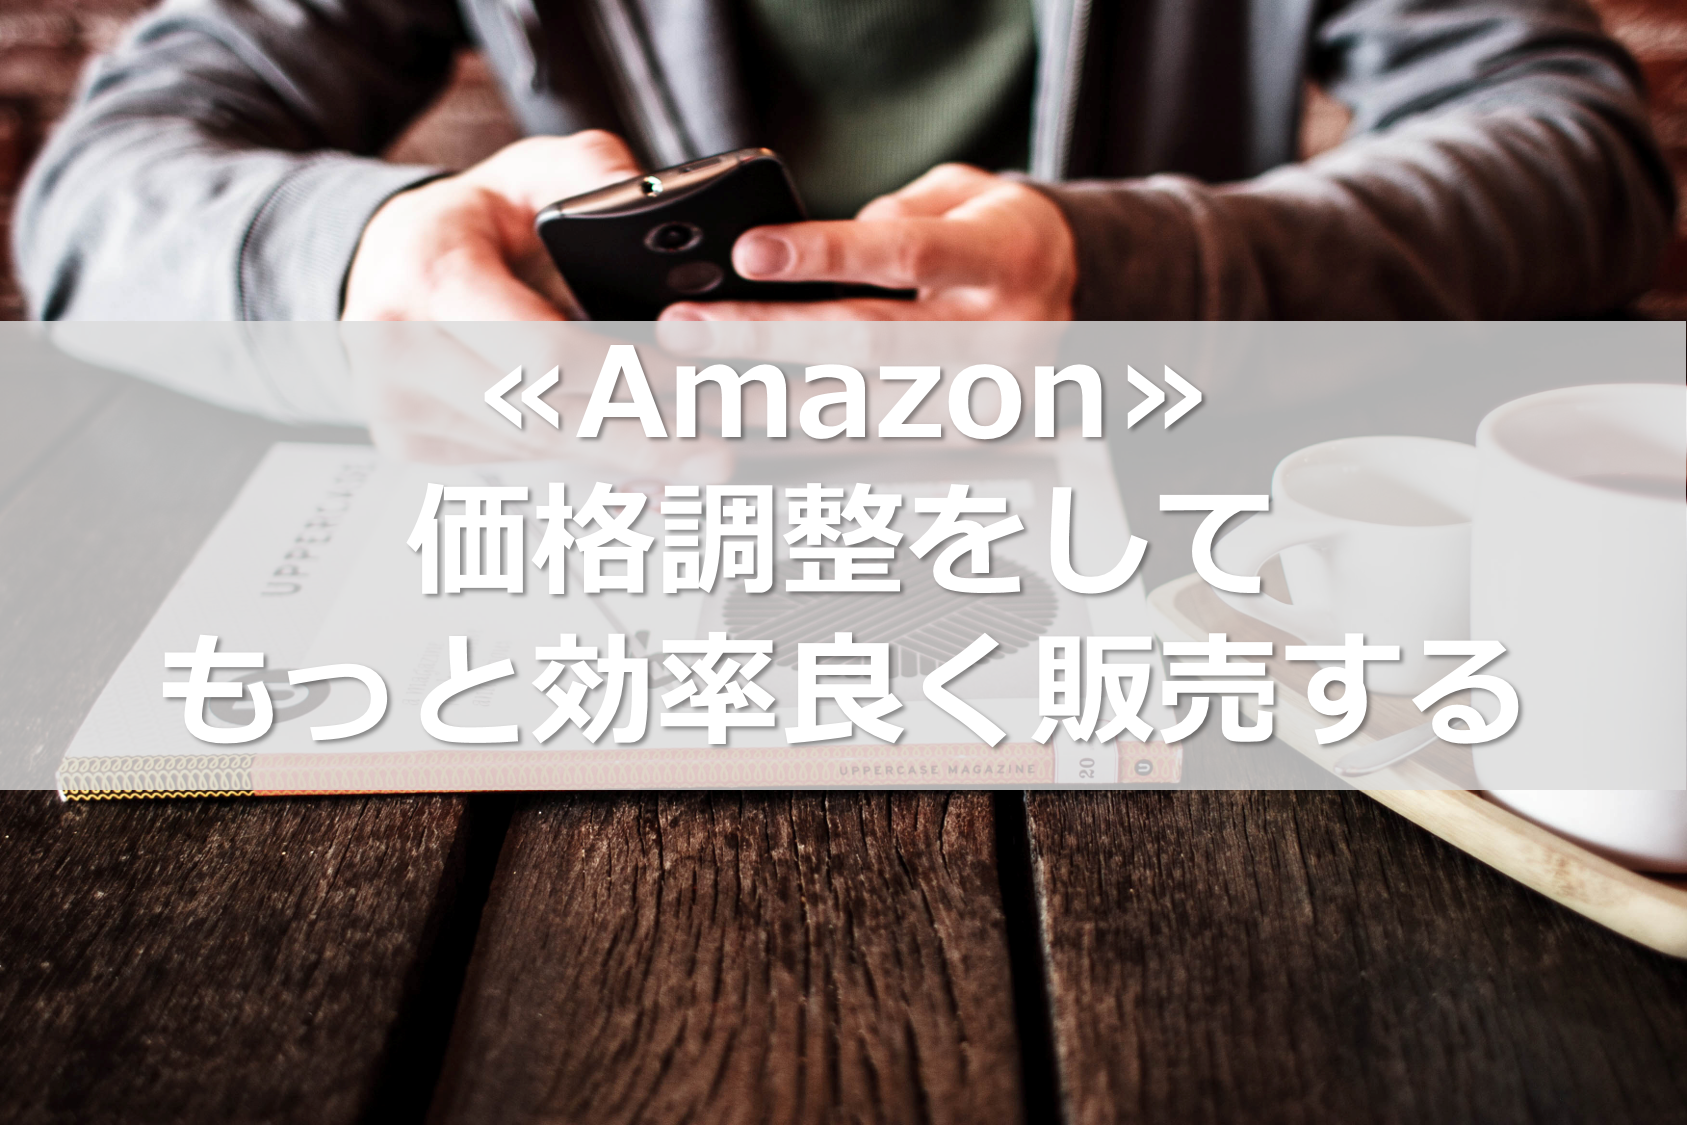 ≪Amazon≫価格調整をしてもっと効率良く販売する